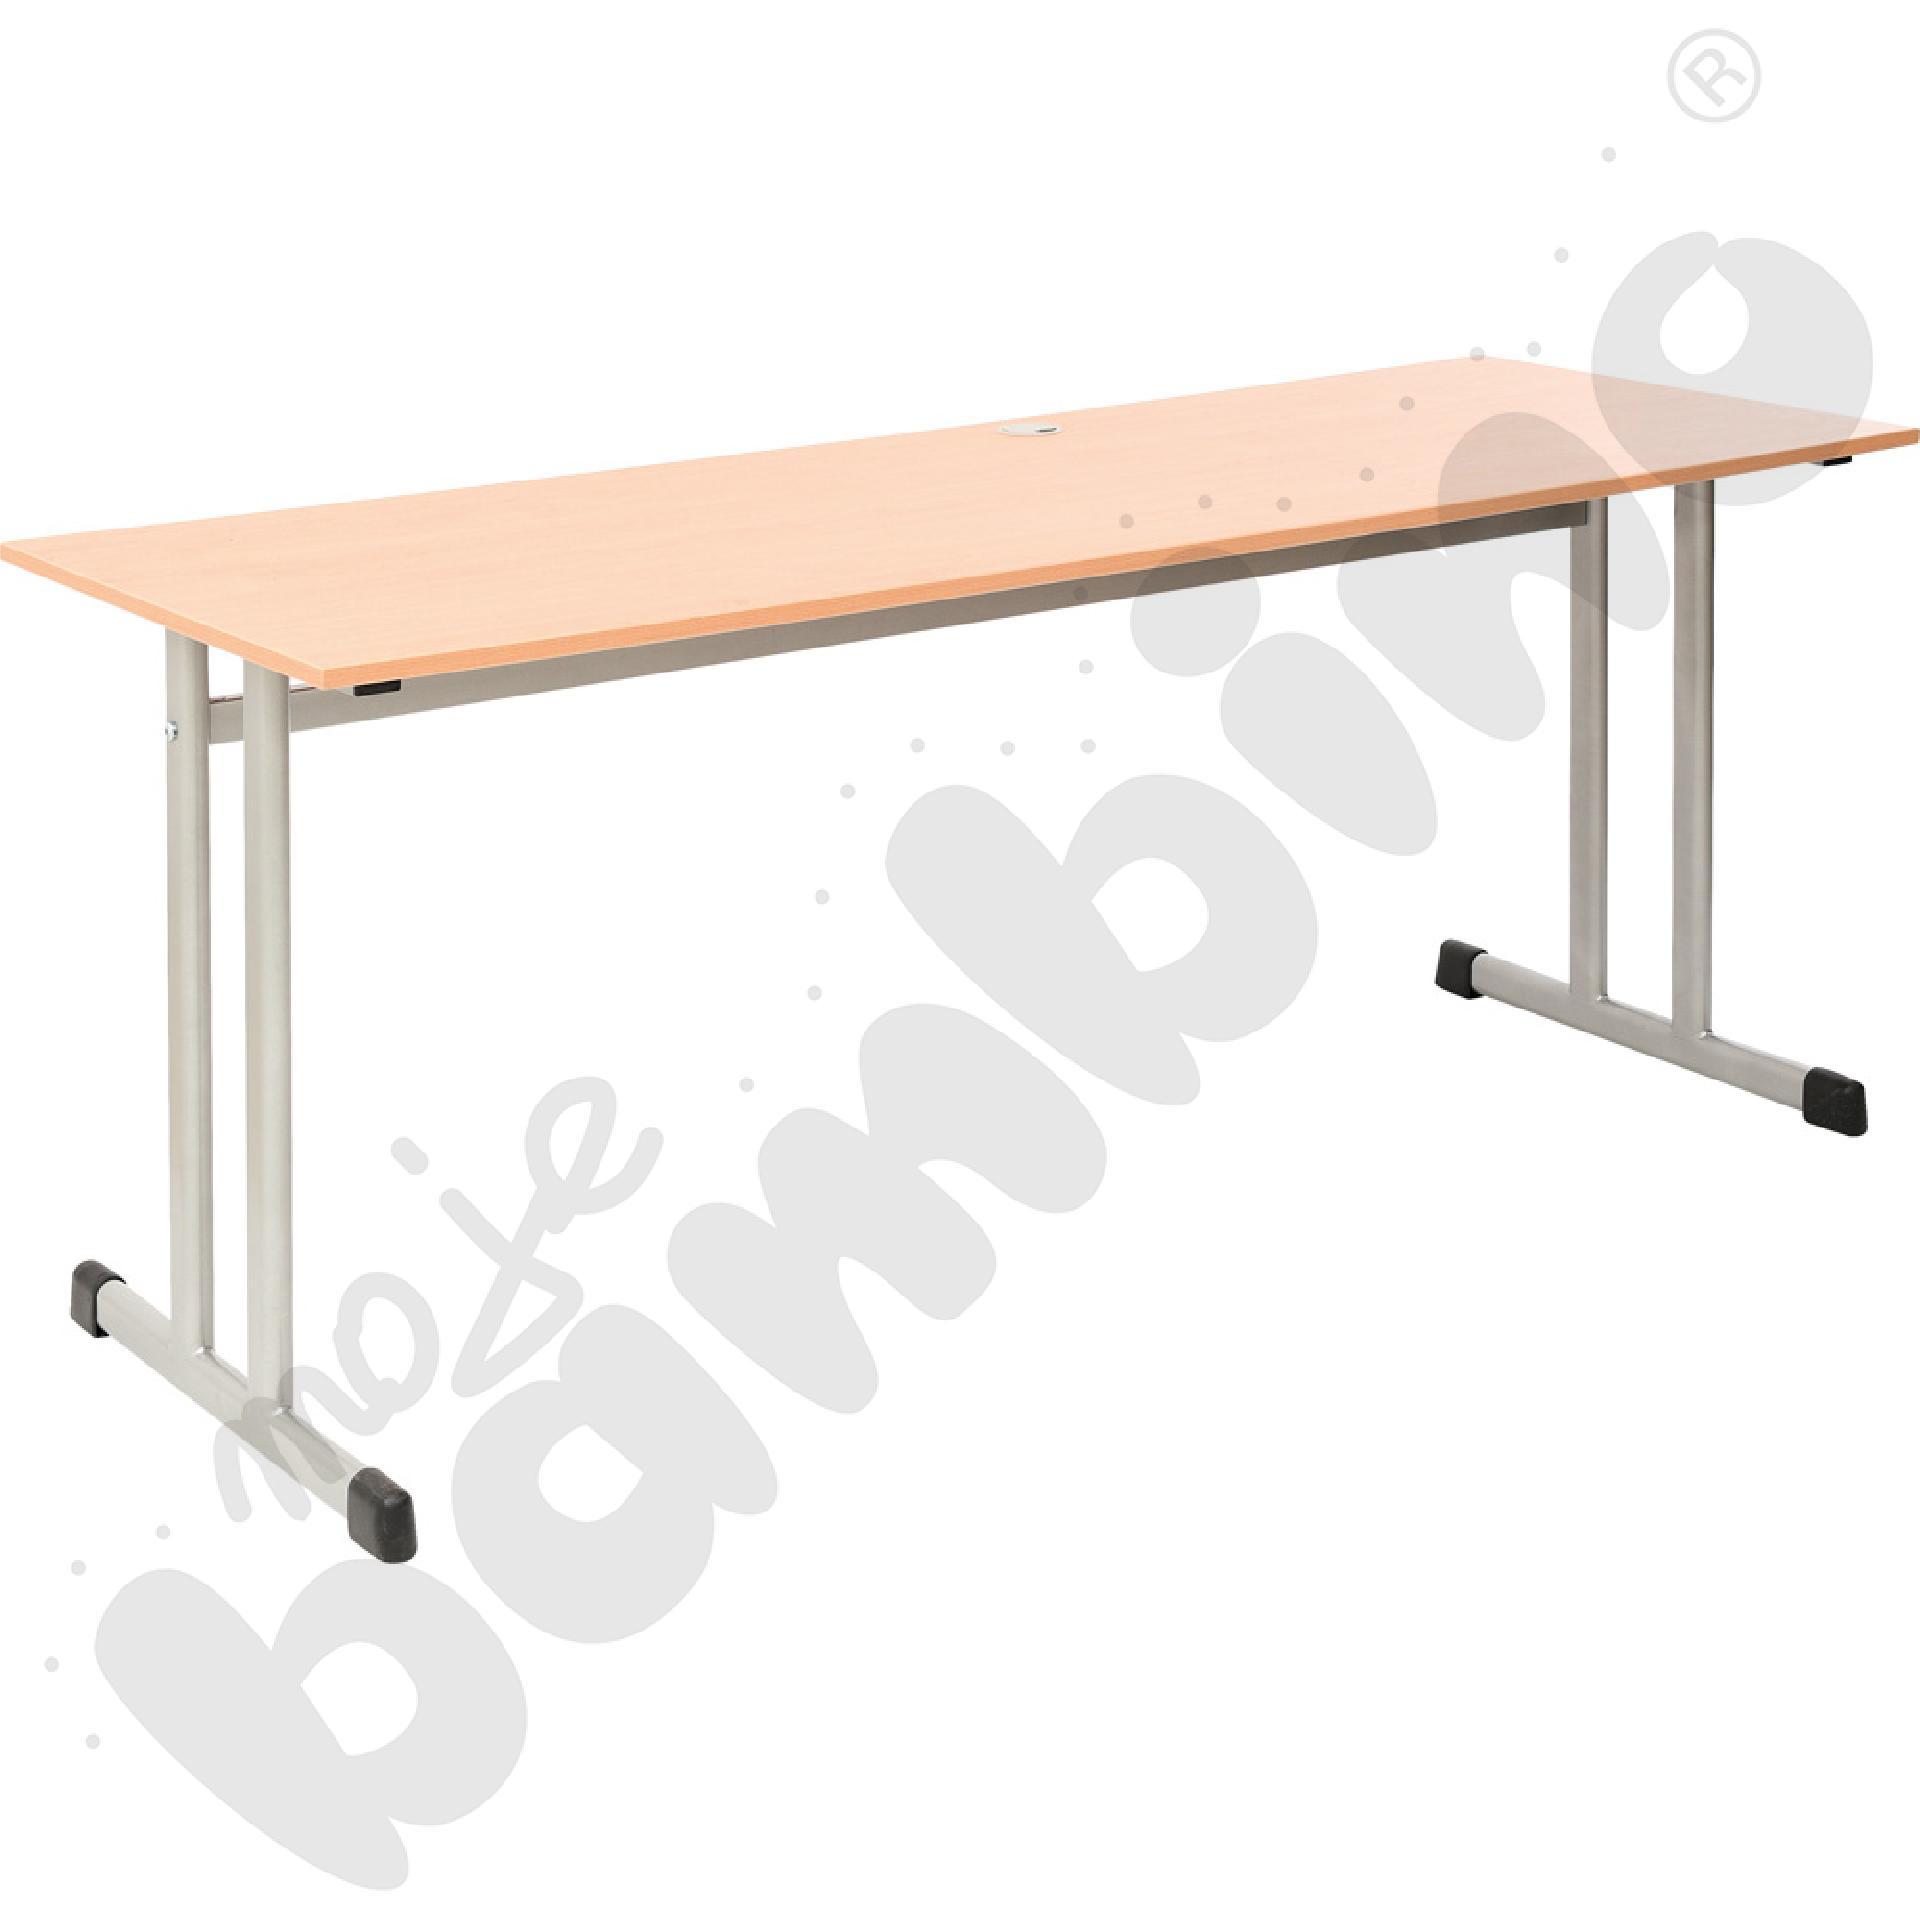 Stół IN-K 3-os srebrny rozm. 6